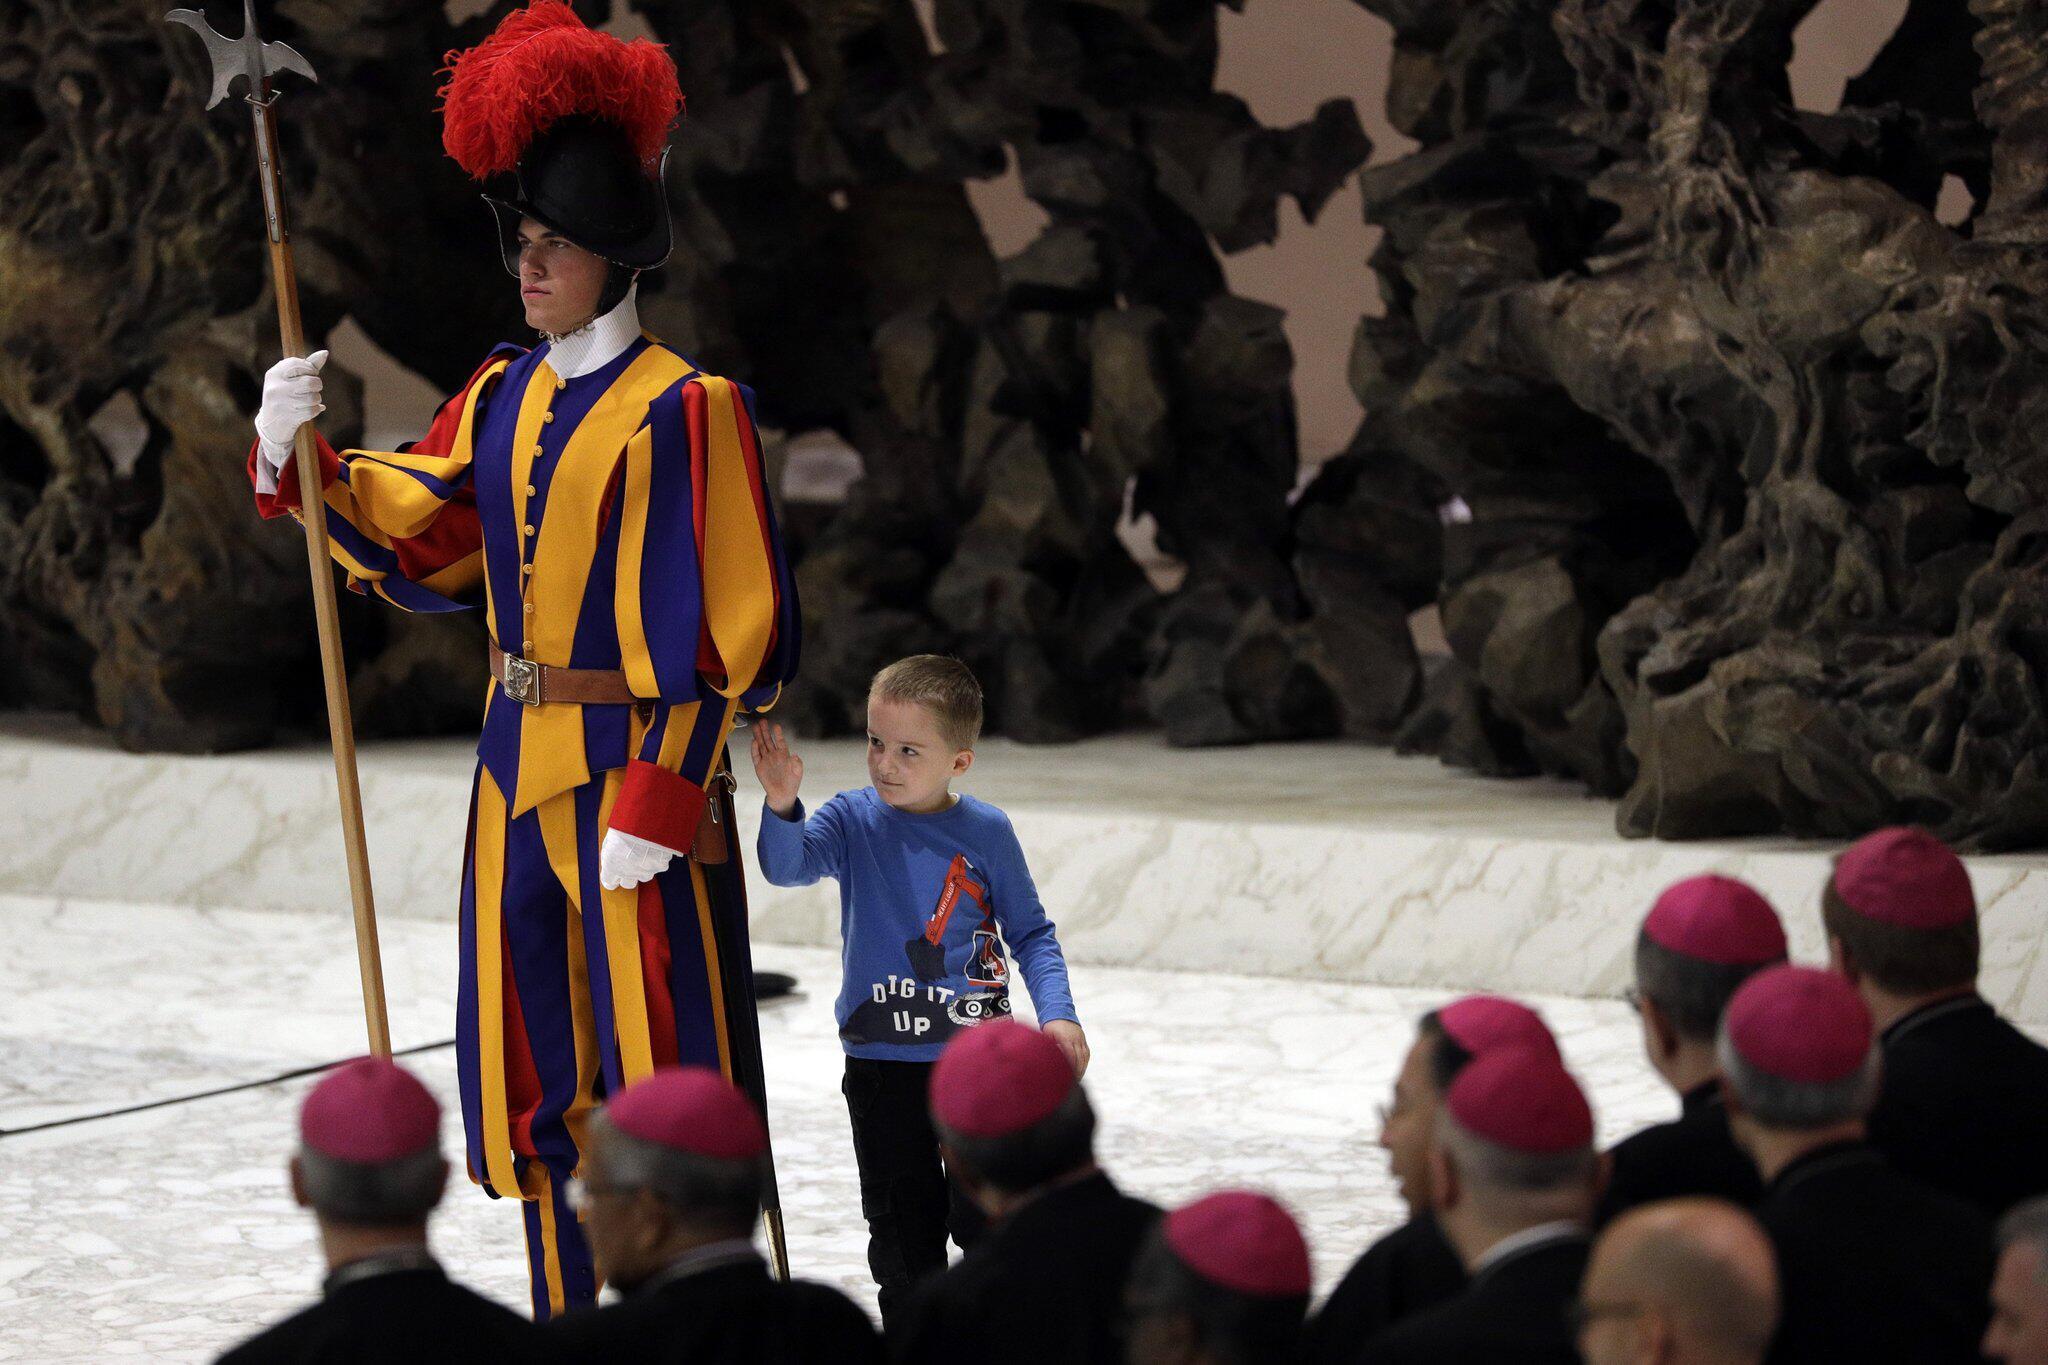 Bild zu Schweizer Garde, Schweizergarde, Papst, Vatikan, Kind